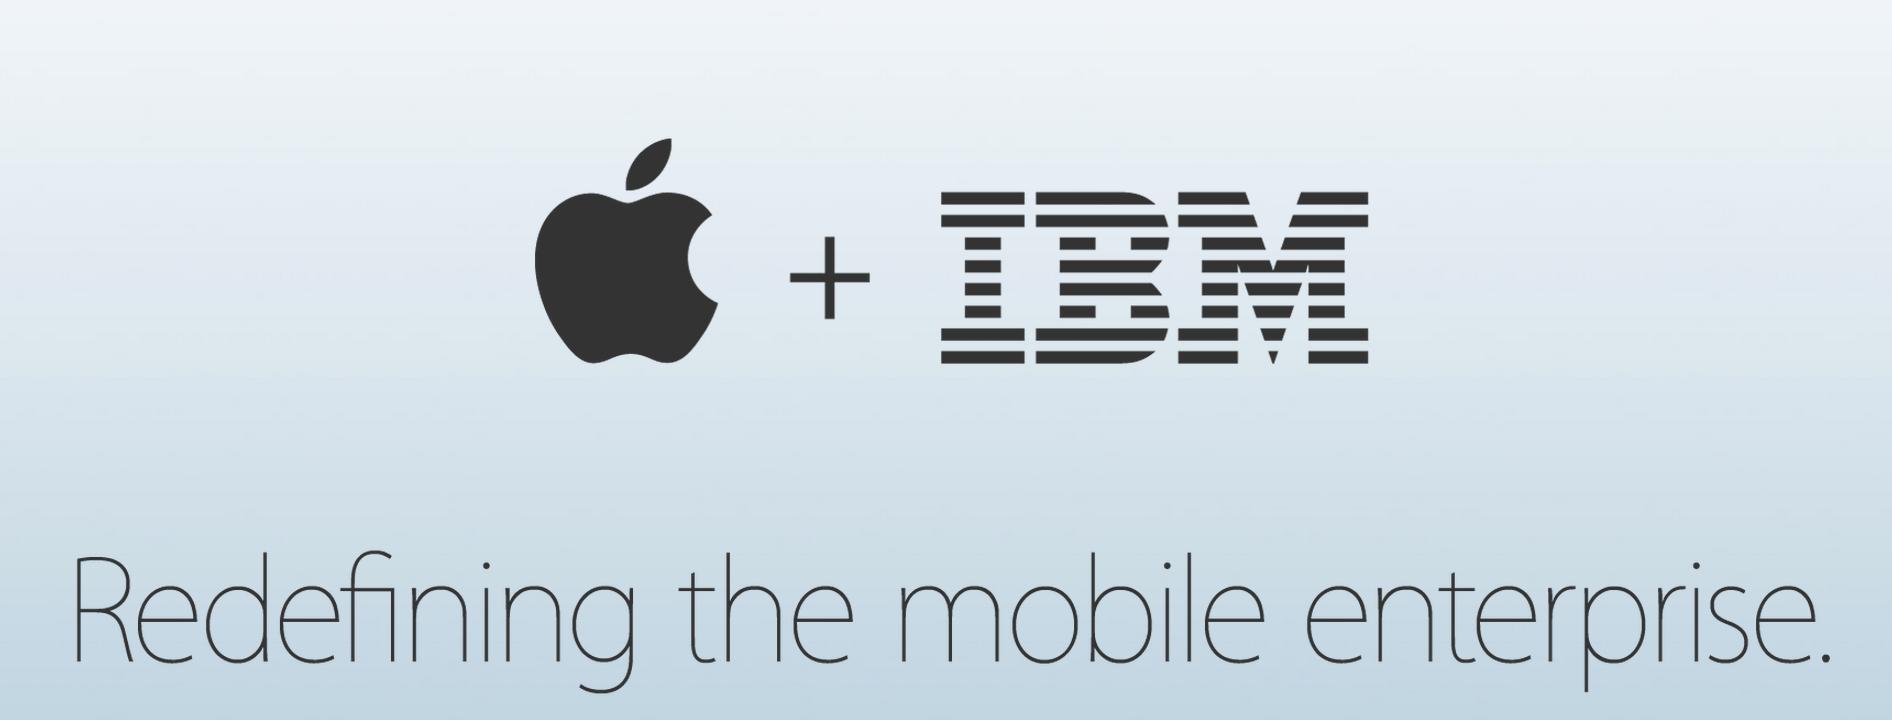 data_applenews_apple_ibm_enterprise